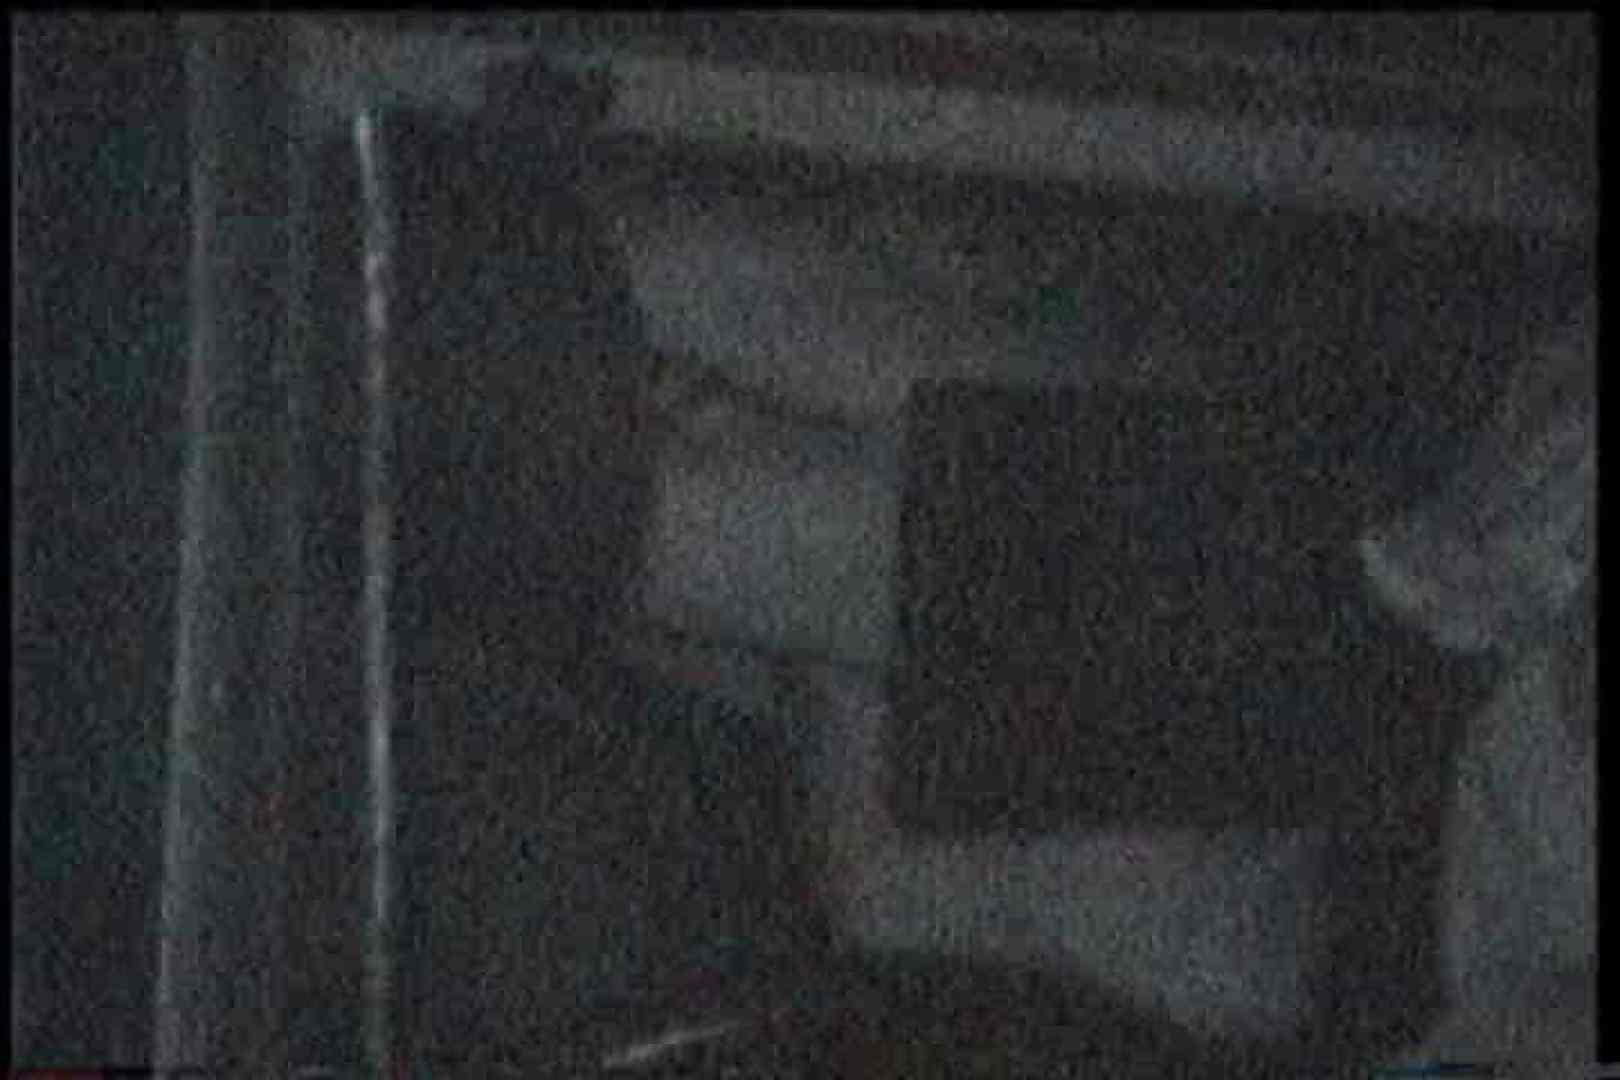 充血監督の深夜の運動会Vol.187 エロティックなOL   エッチなセックス  96画像 19